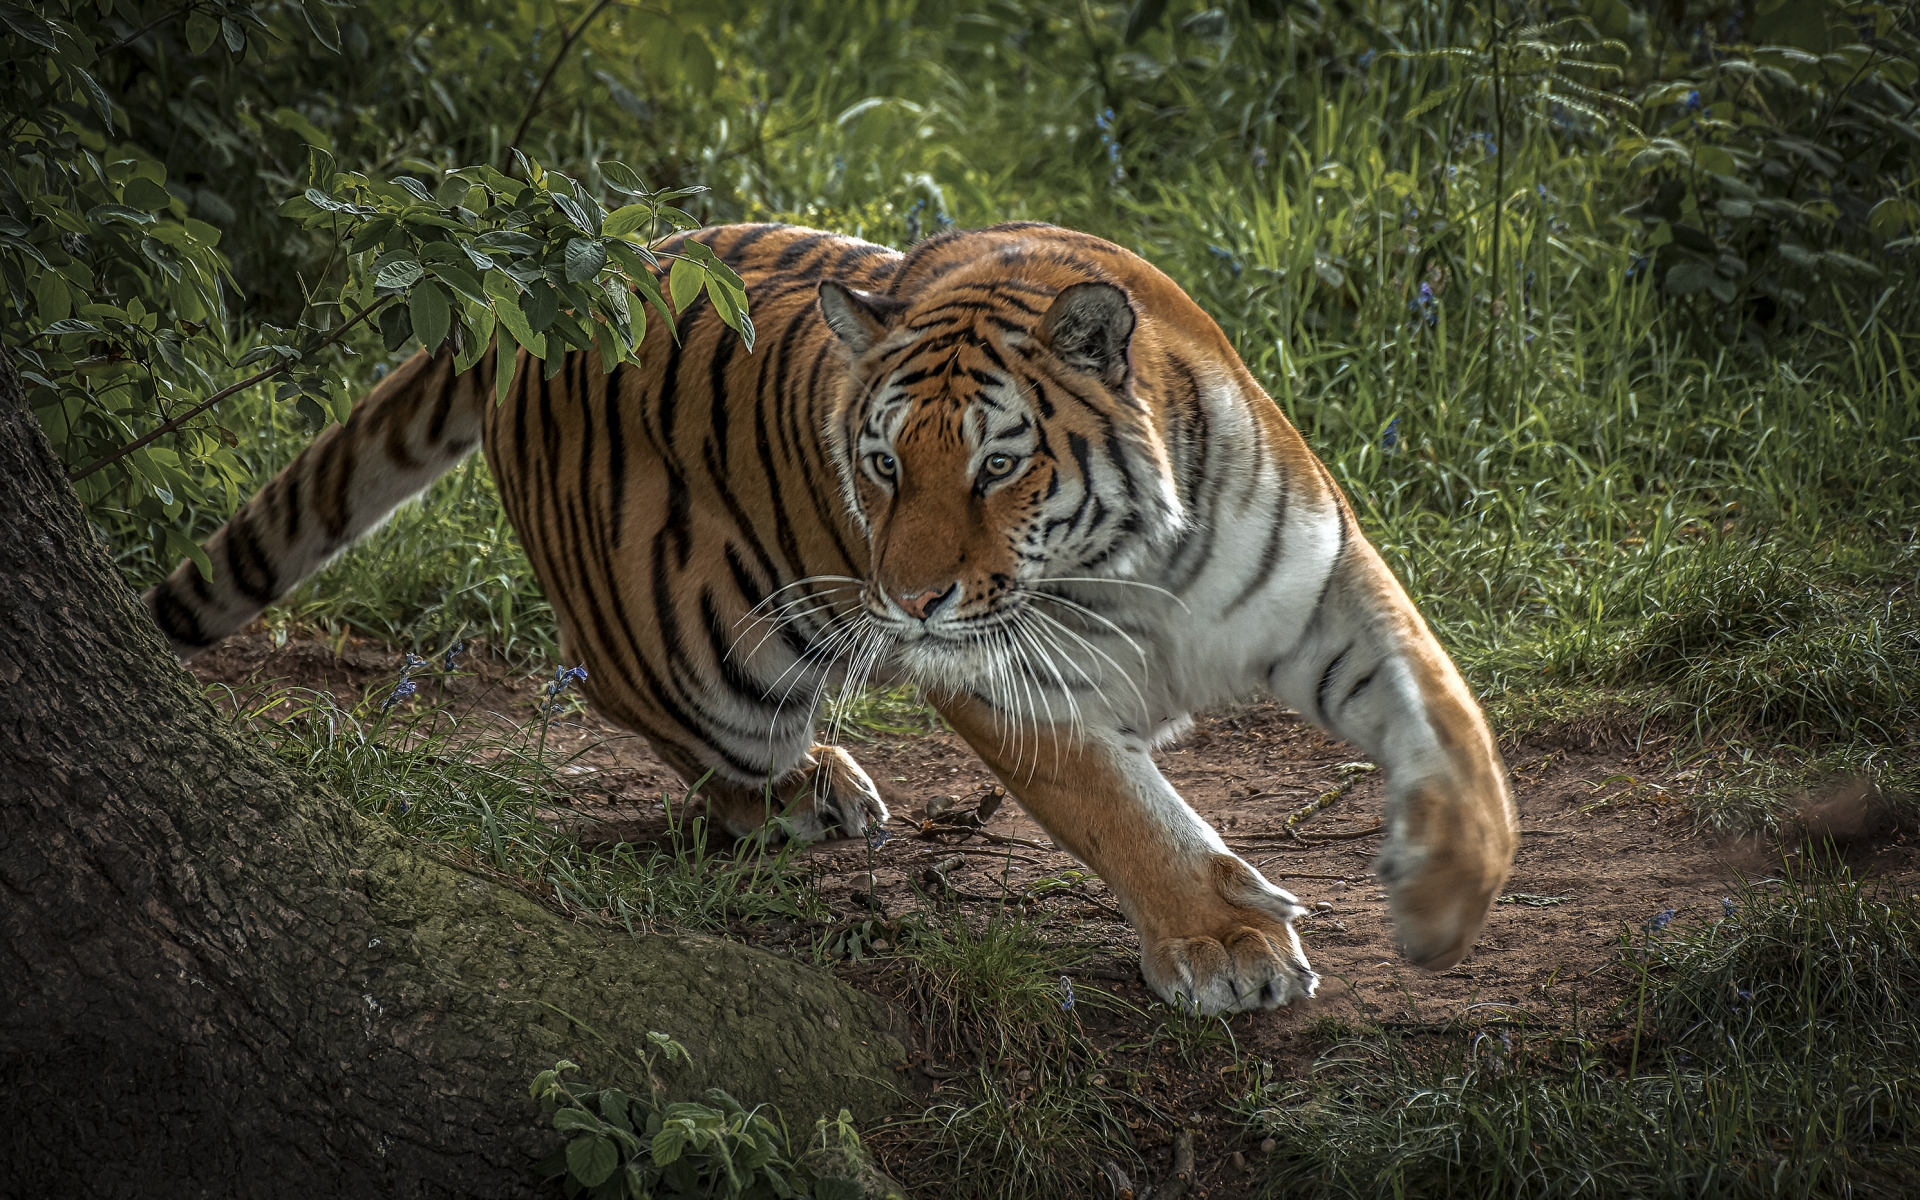 Tigre corriendo - 1920x1200